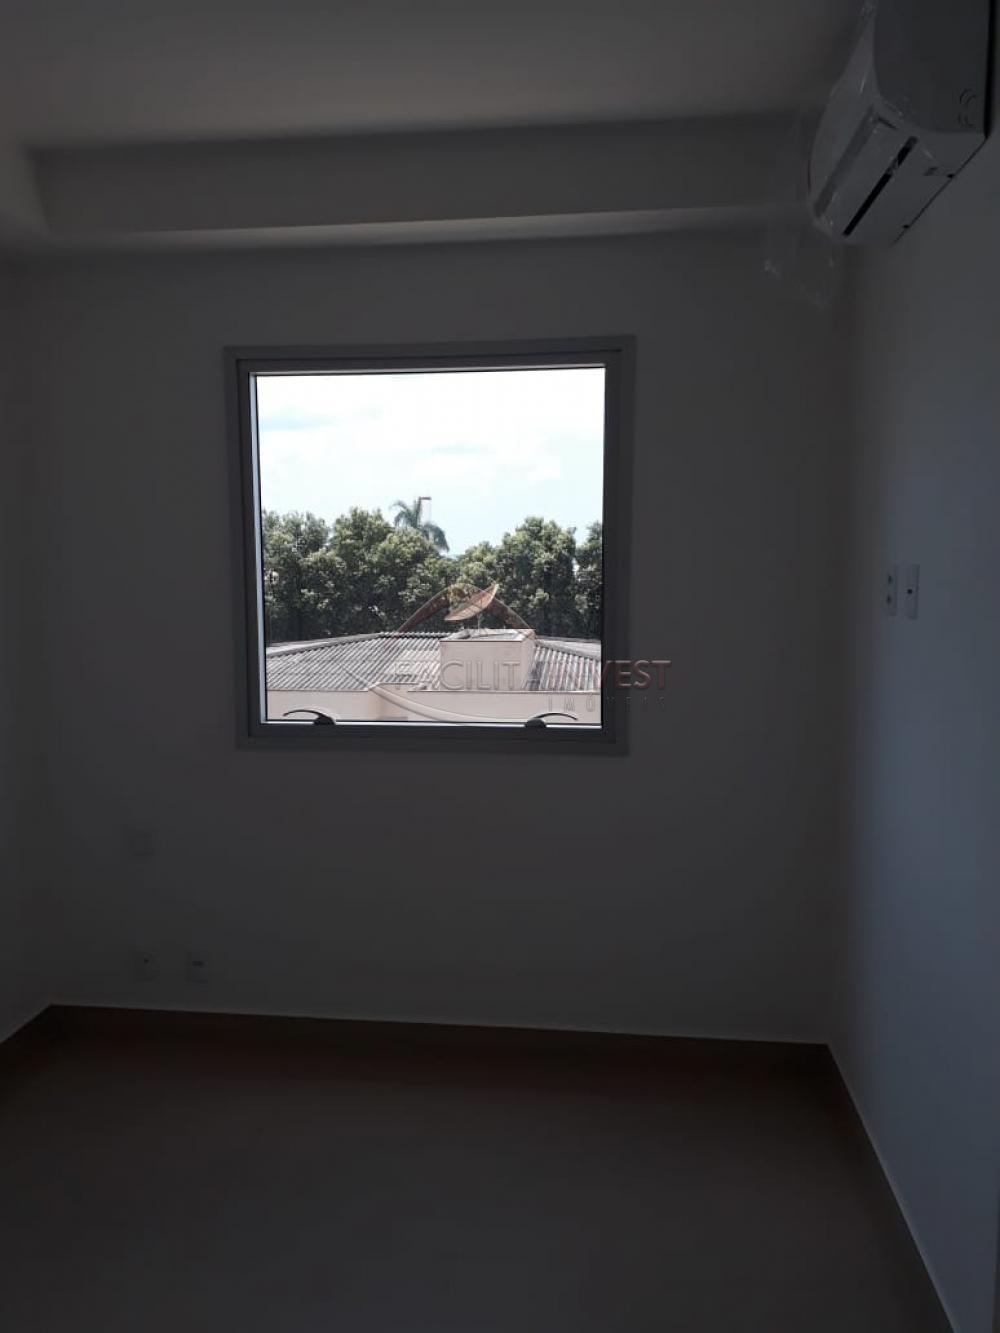 Alugar Apartamentos / Apart. Padrão em Ribeirão Preto apenas R$ 1.250,00 - Foto 4